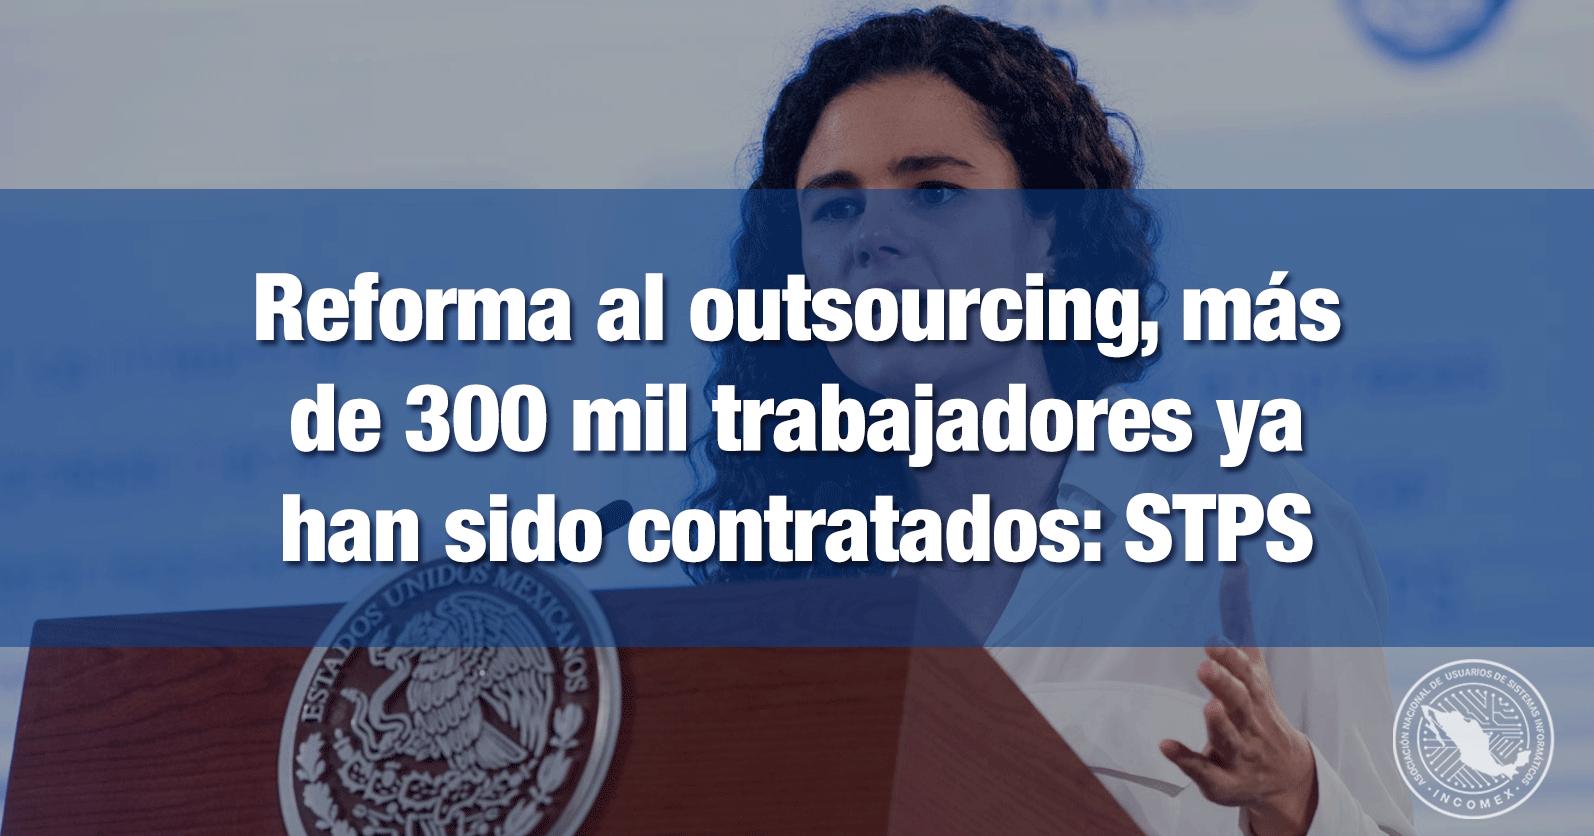 Reforma al outsourcing, más de 300 mil trabajadores ya han sido contratados: STPS